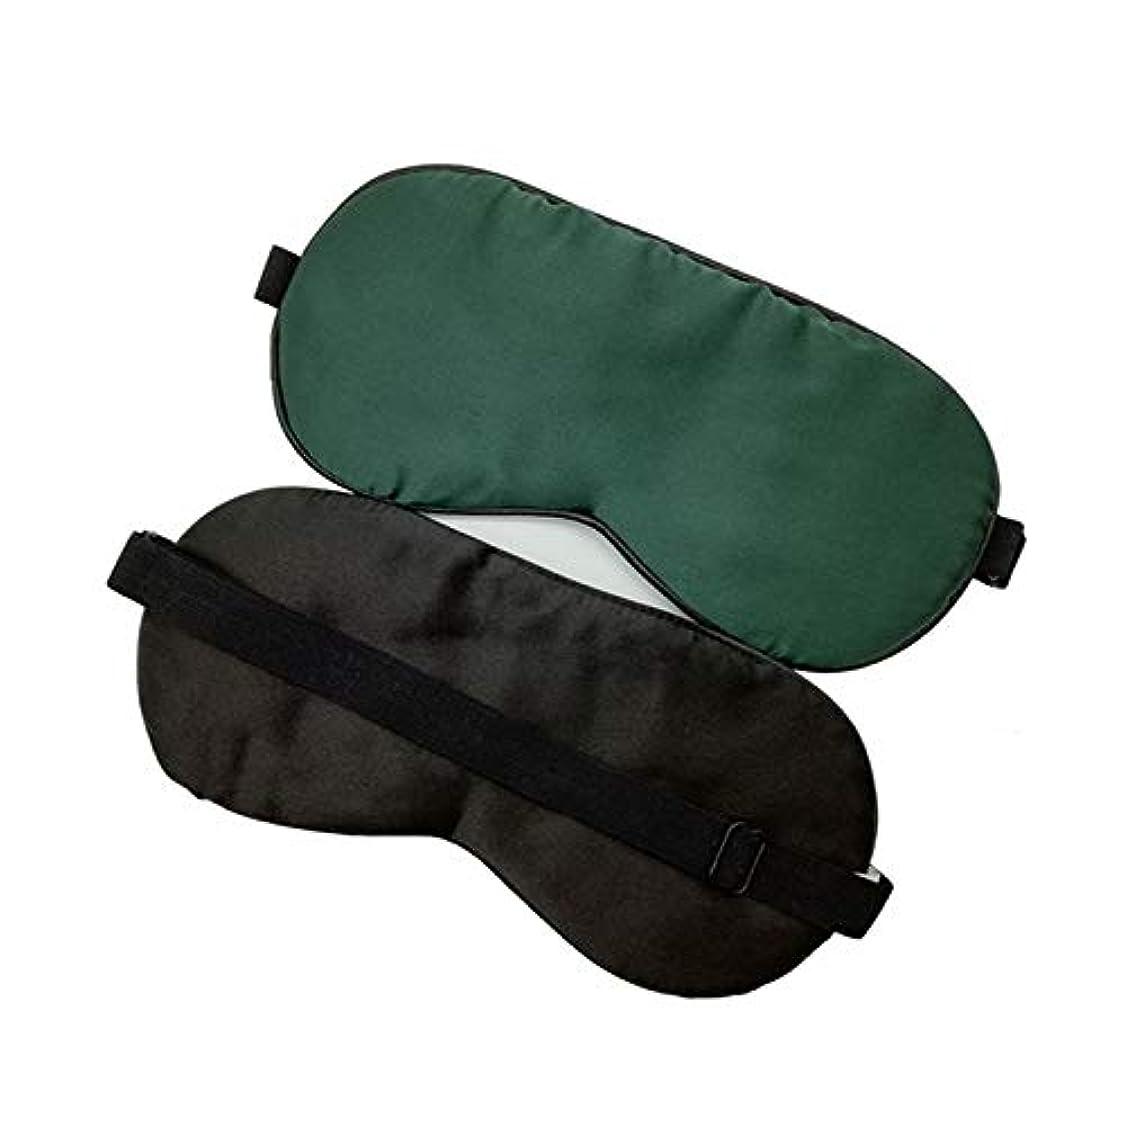 注ぎますハリウッド輪郭注意純粋なシルクの睡眠アイマスク濃い緑色両サイドのシルクアイカバーシェード柔らかい滑らかな目隠し旅行リラックス補助小サイズ